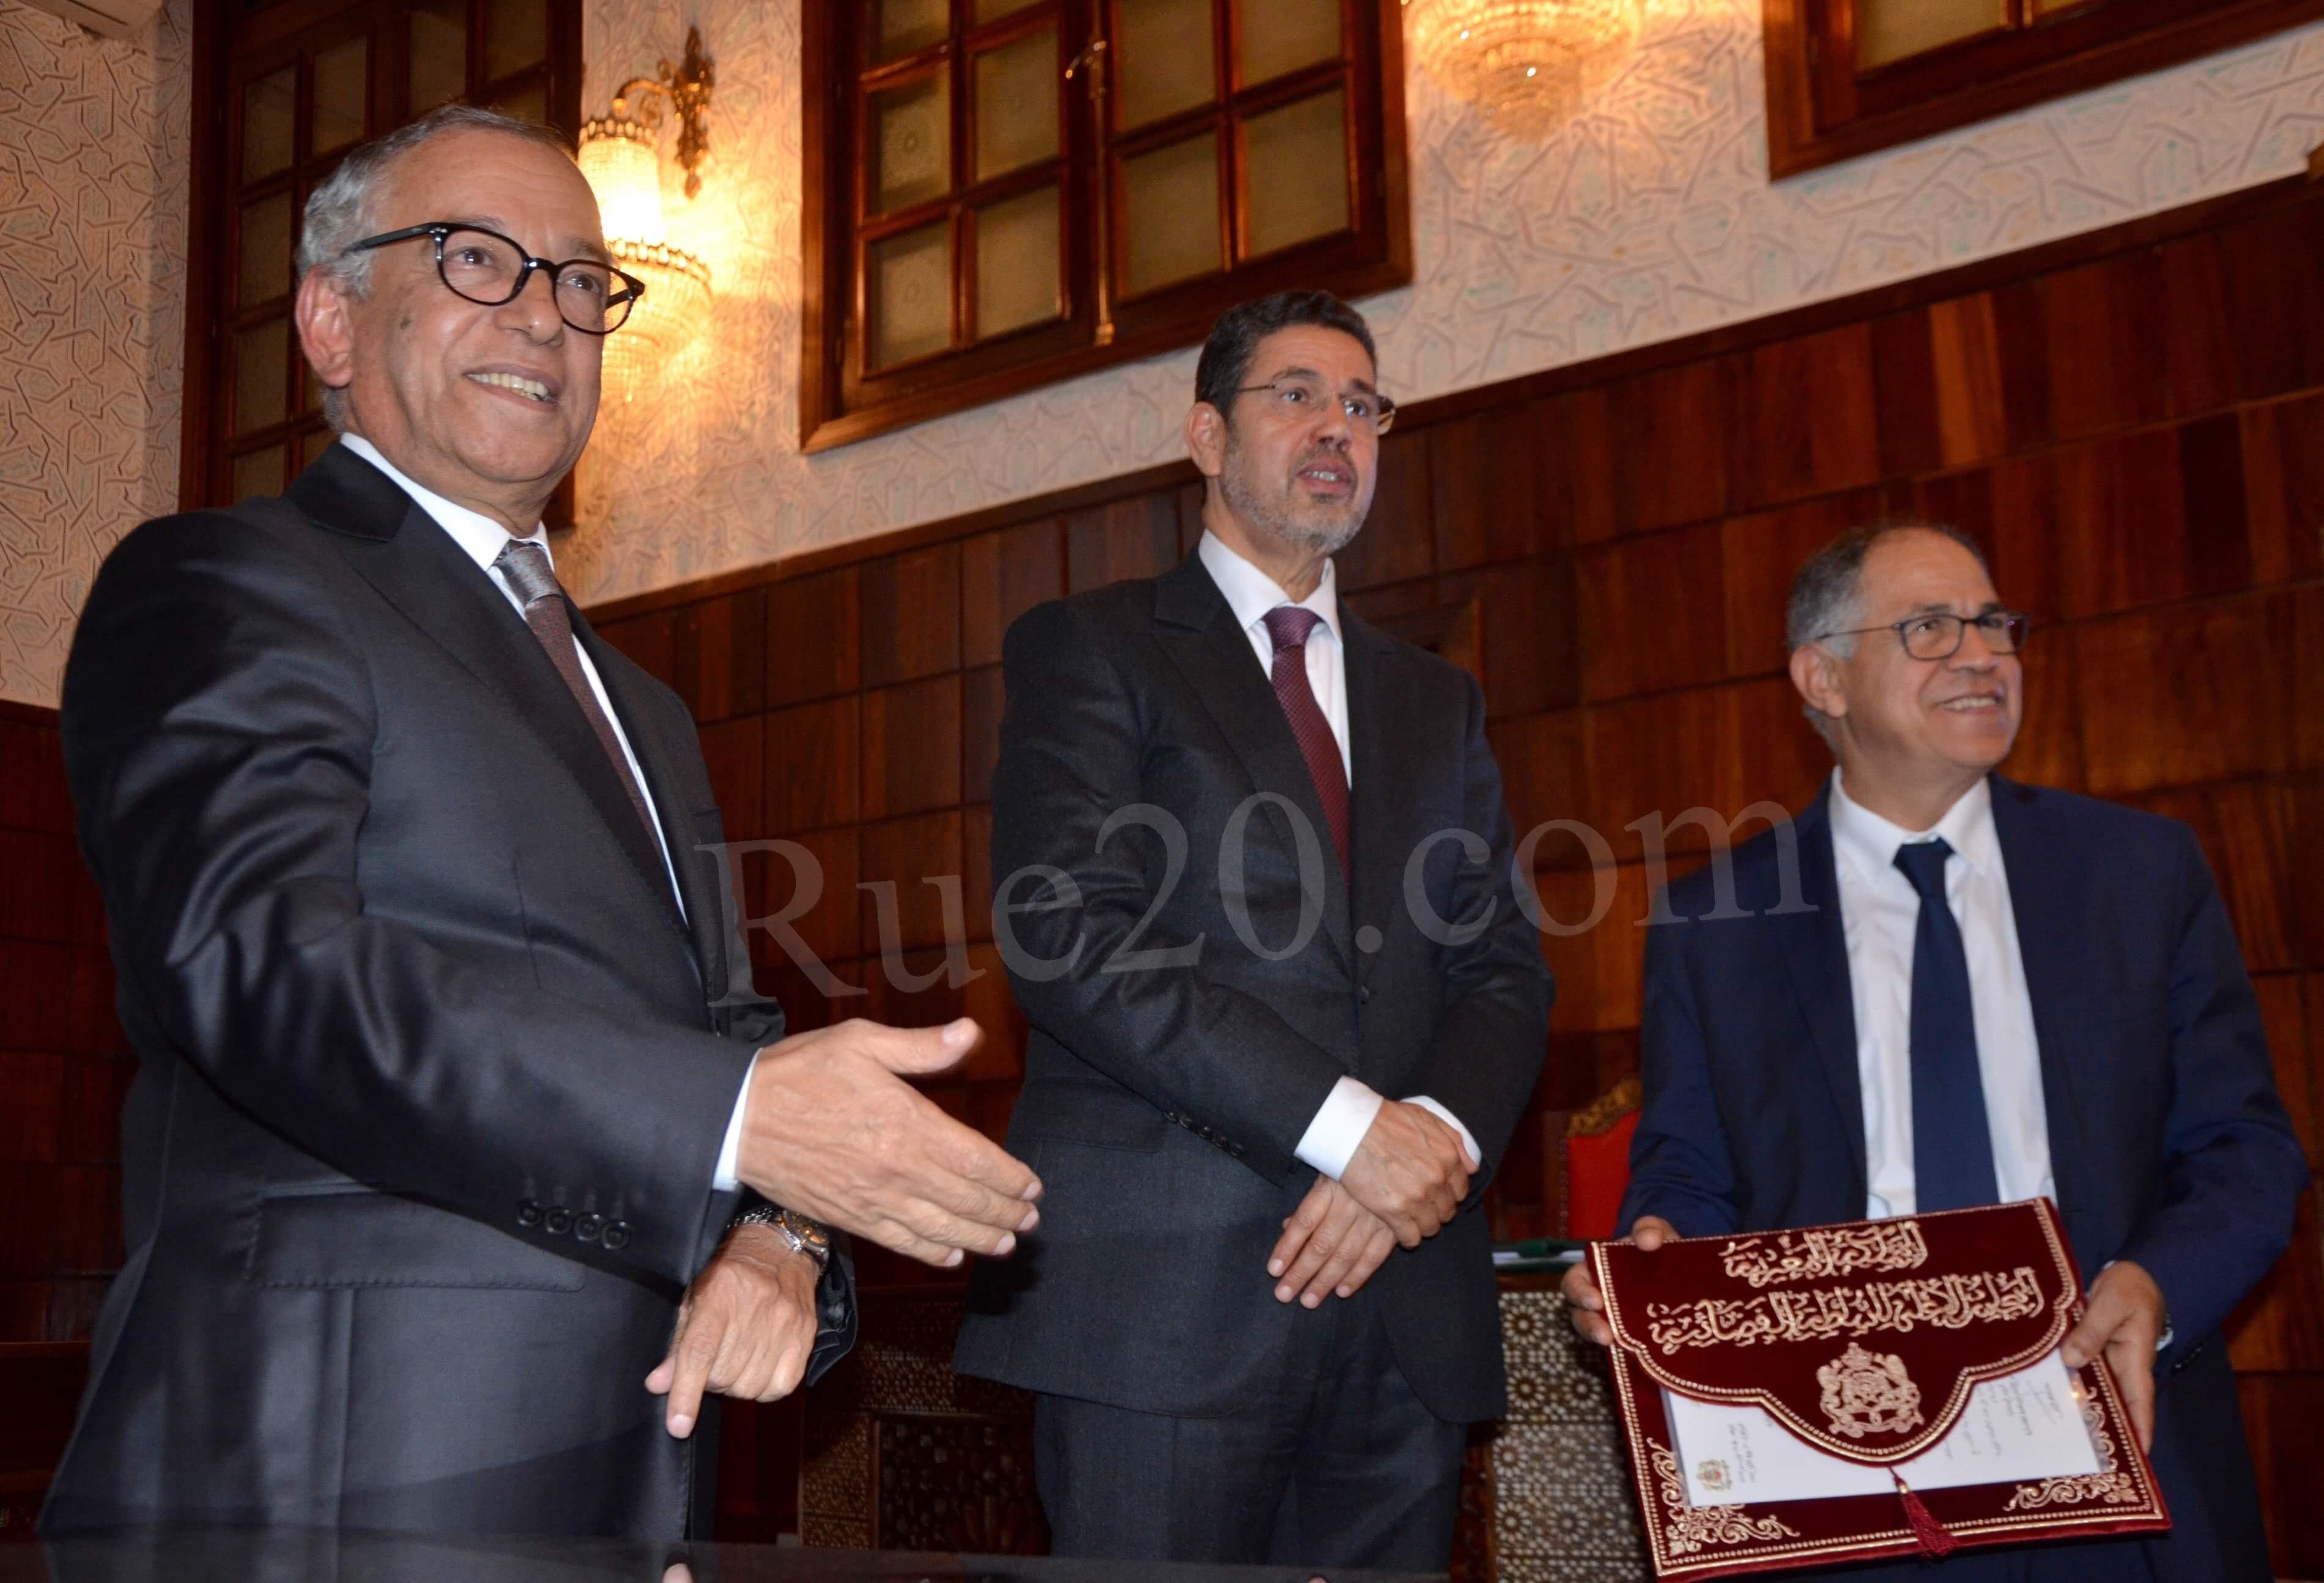 فارس للقضاة الجُدد: المغاربة ينتظرون آثار التغيير ومظاهر الإصلاح في سلوككم